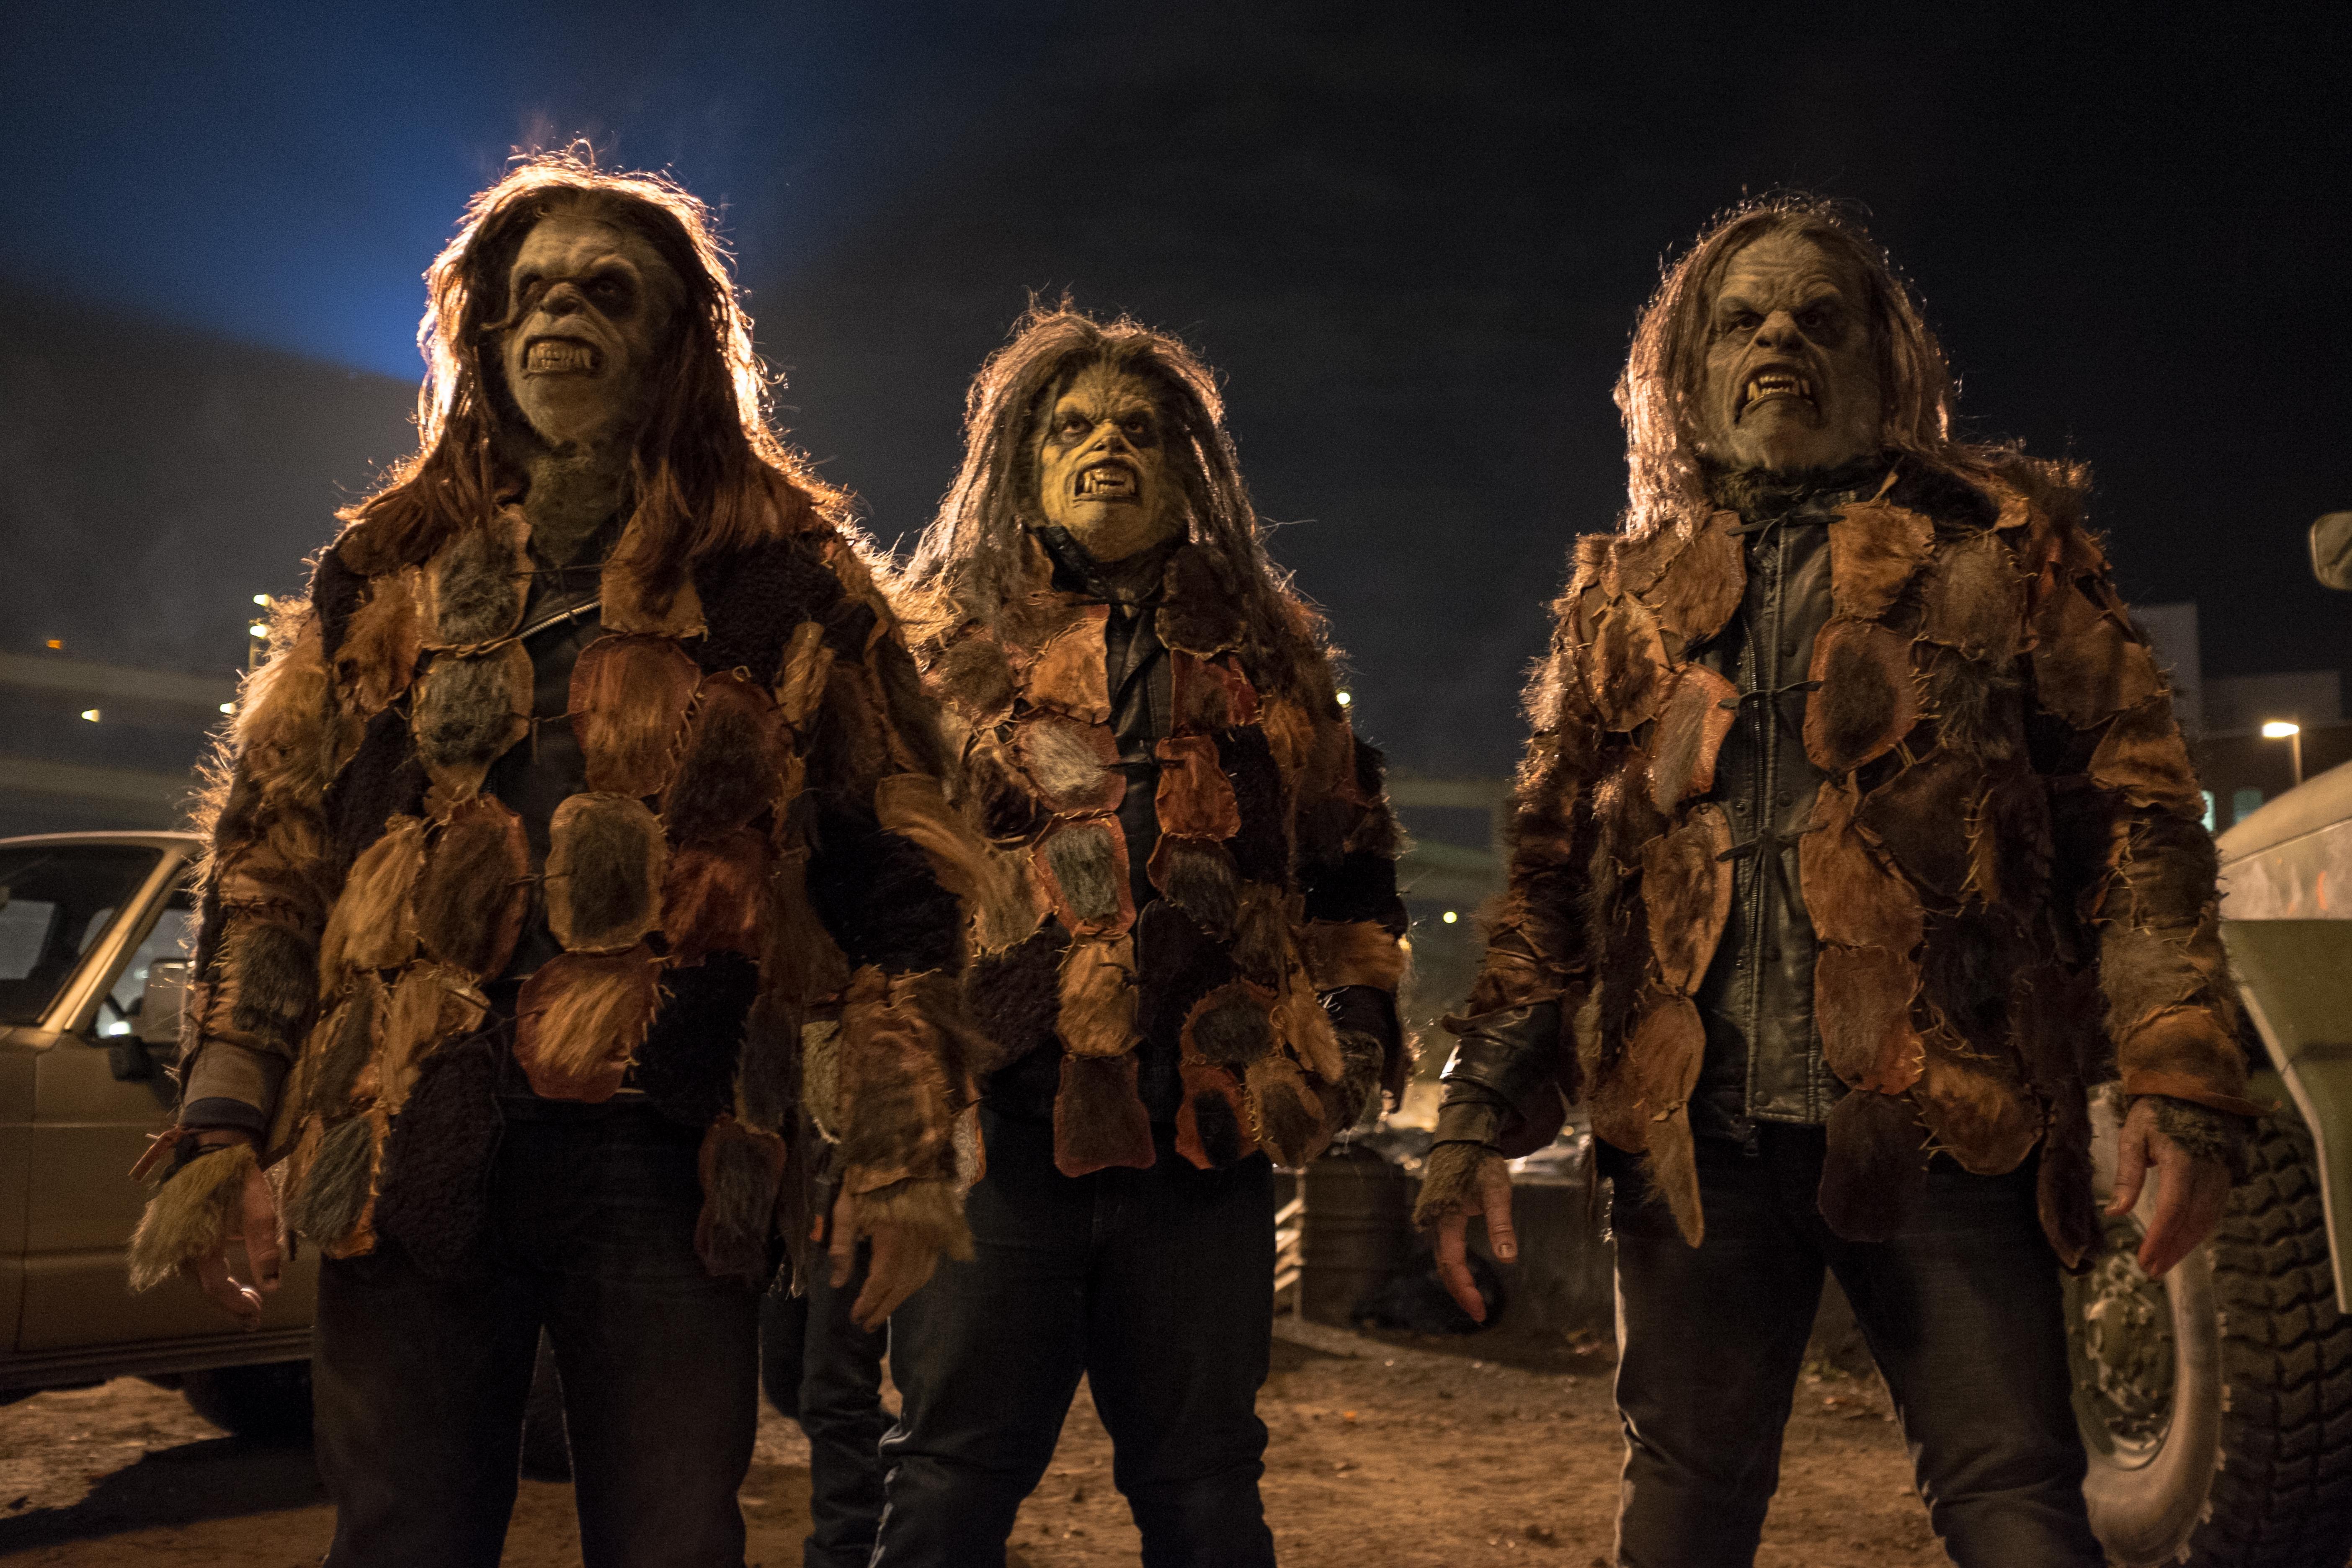 Grimm - Three menacing Wildesheers